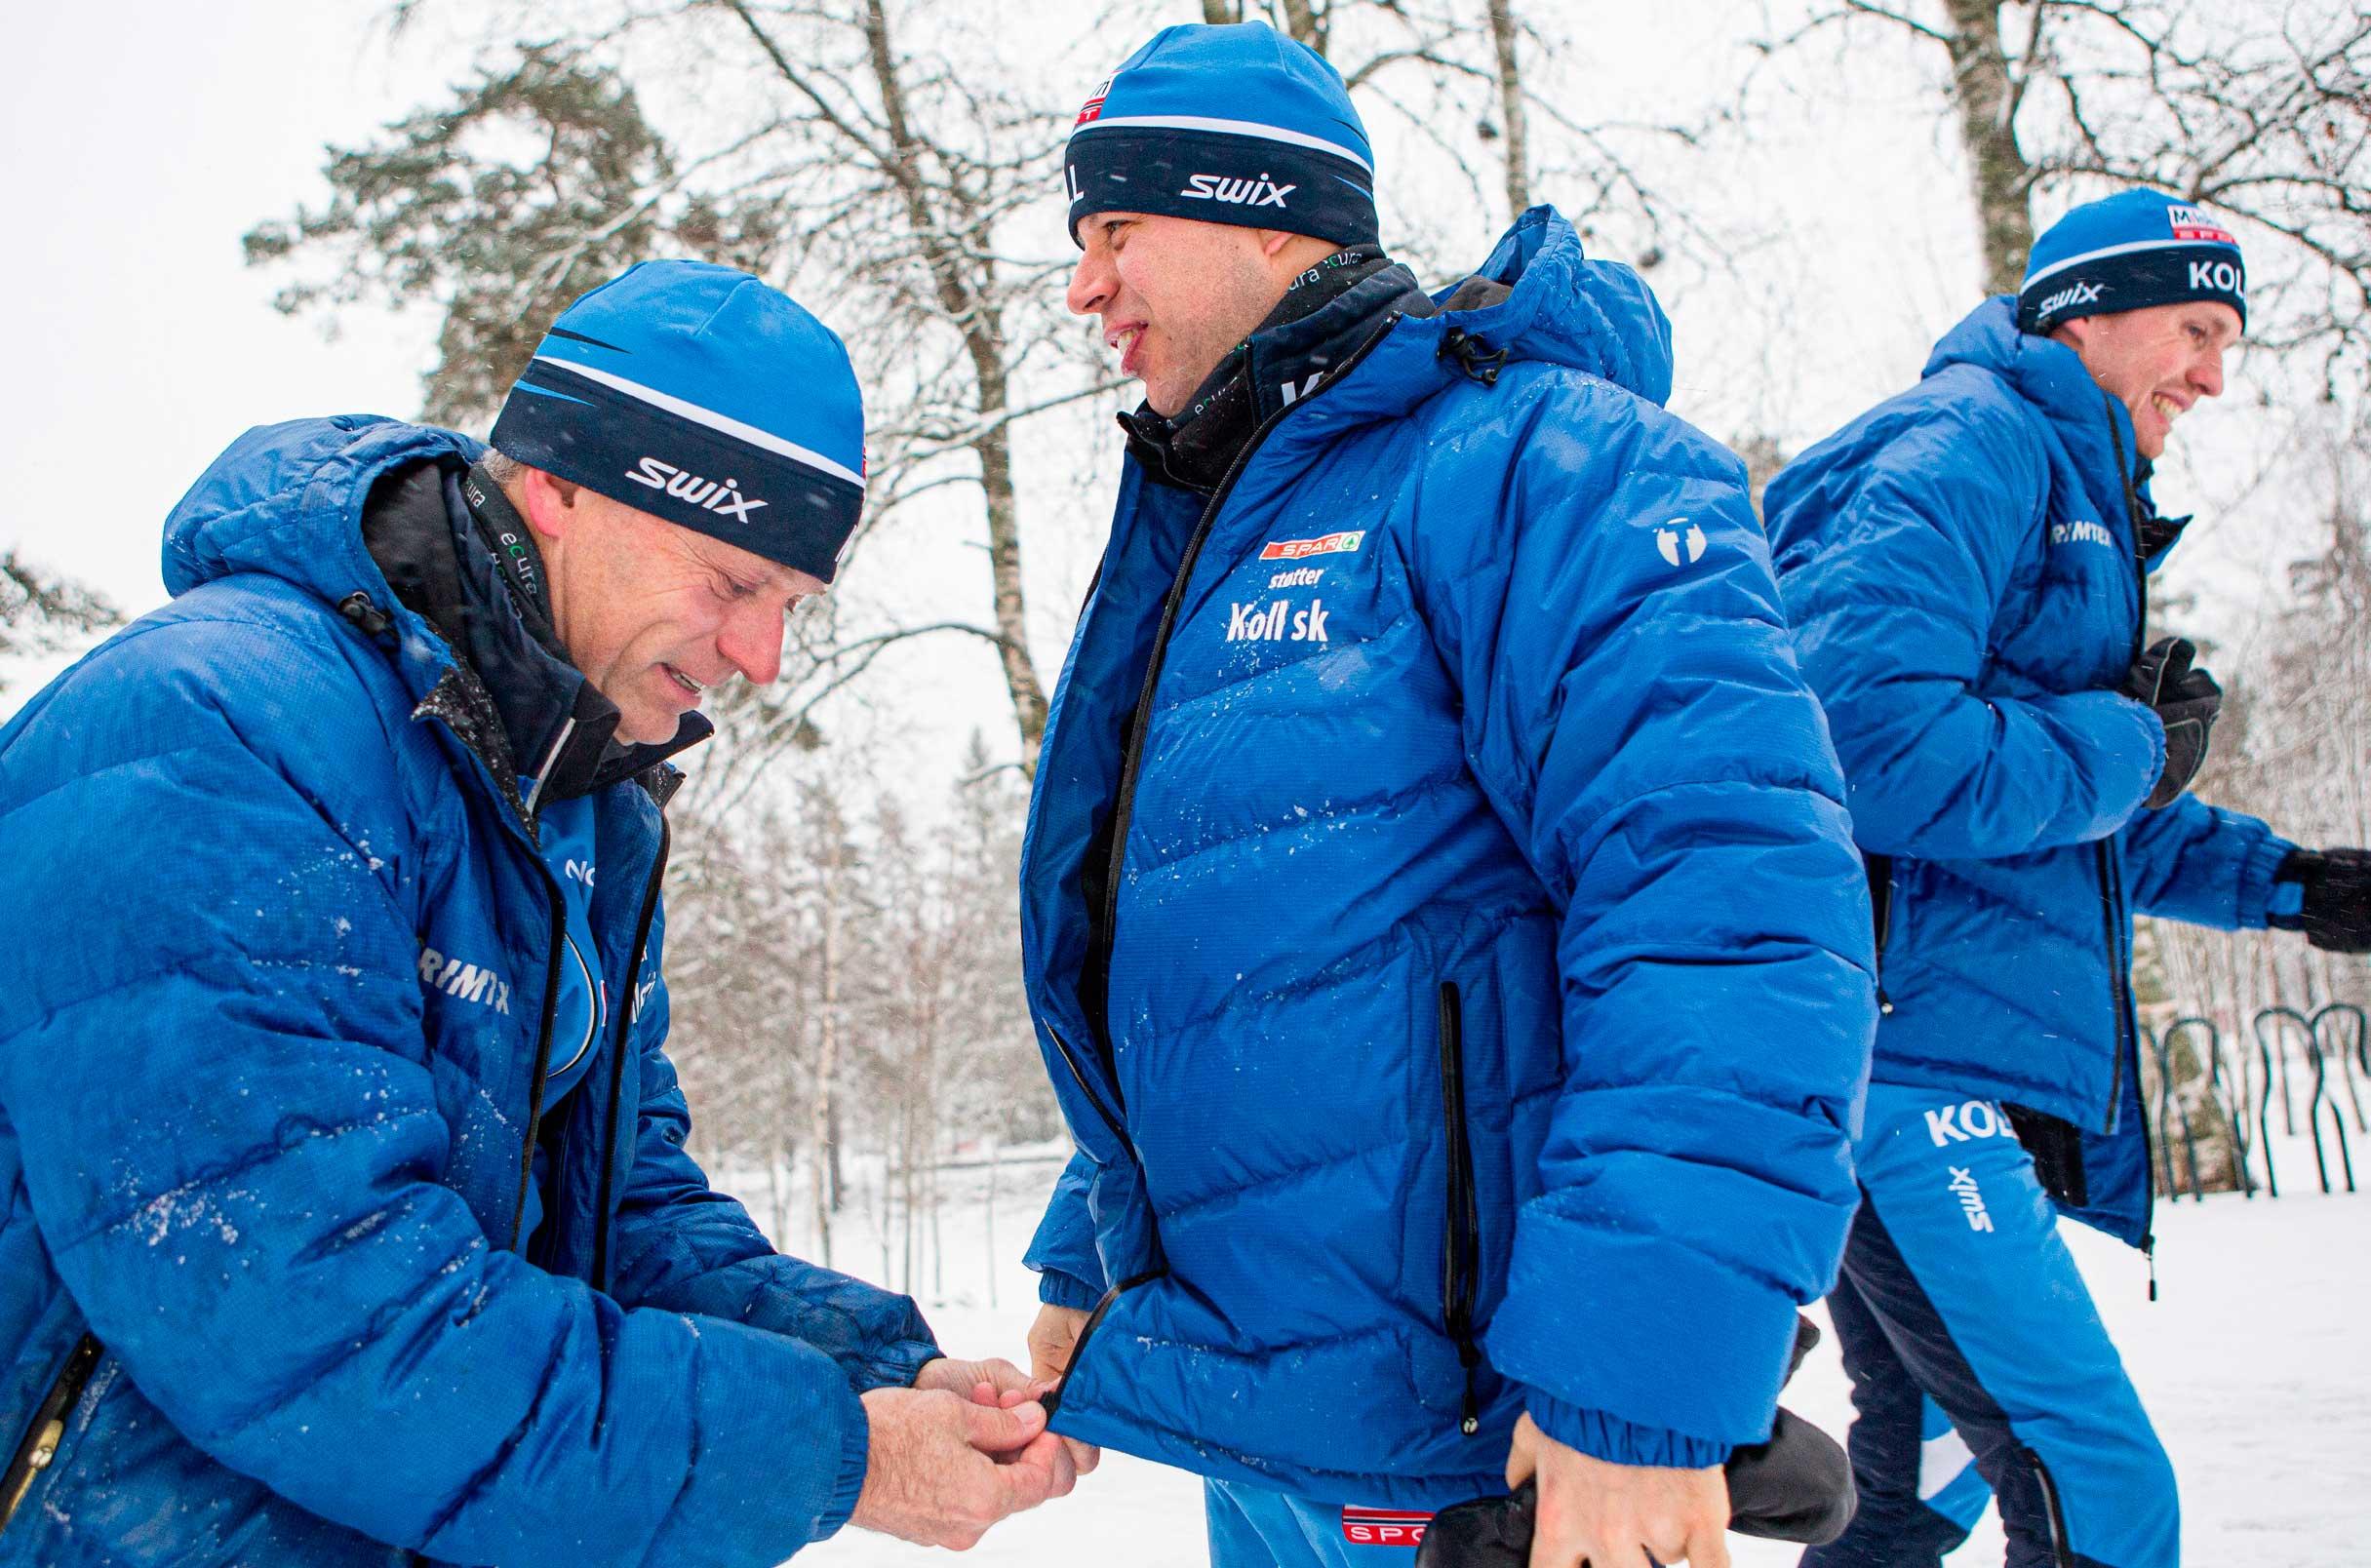 Bilde av Kjetil Ørbeck som knepper igjen jakken til en utøver. I bakgrunnen går en tredjeperson. De er alle ikledd blå jakker og luer, og det er snø på bakken.